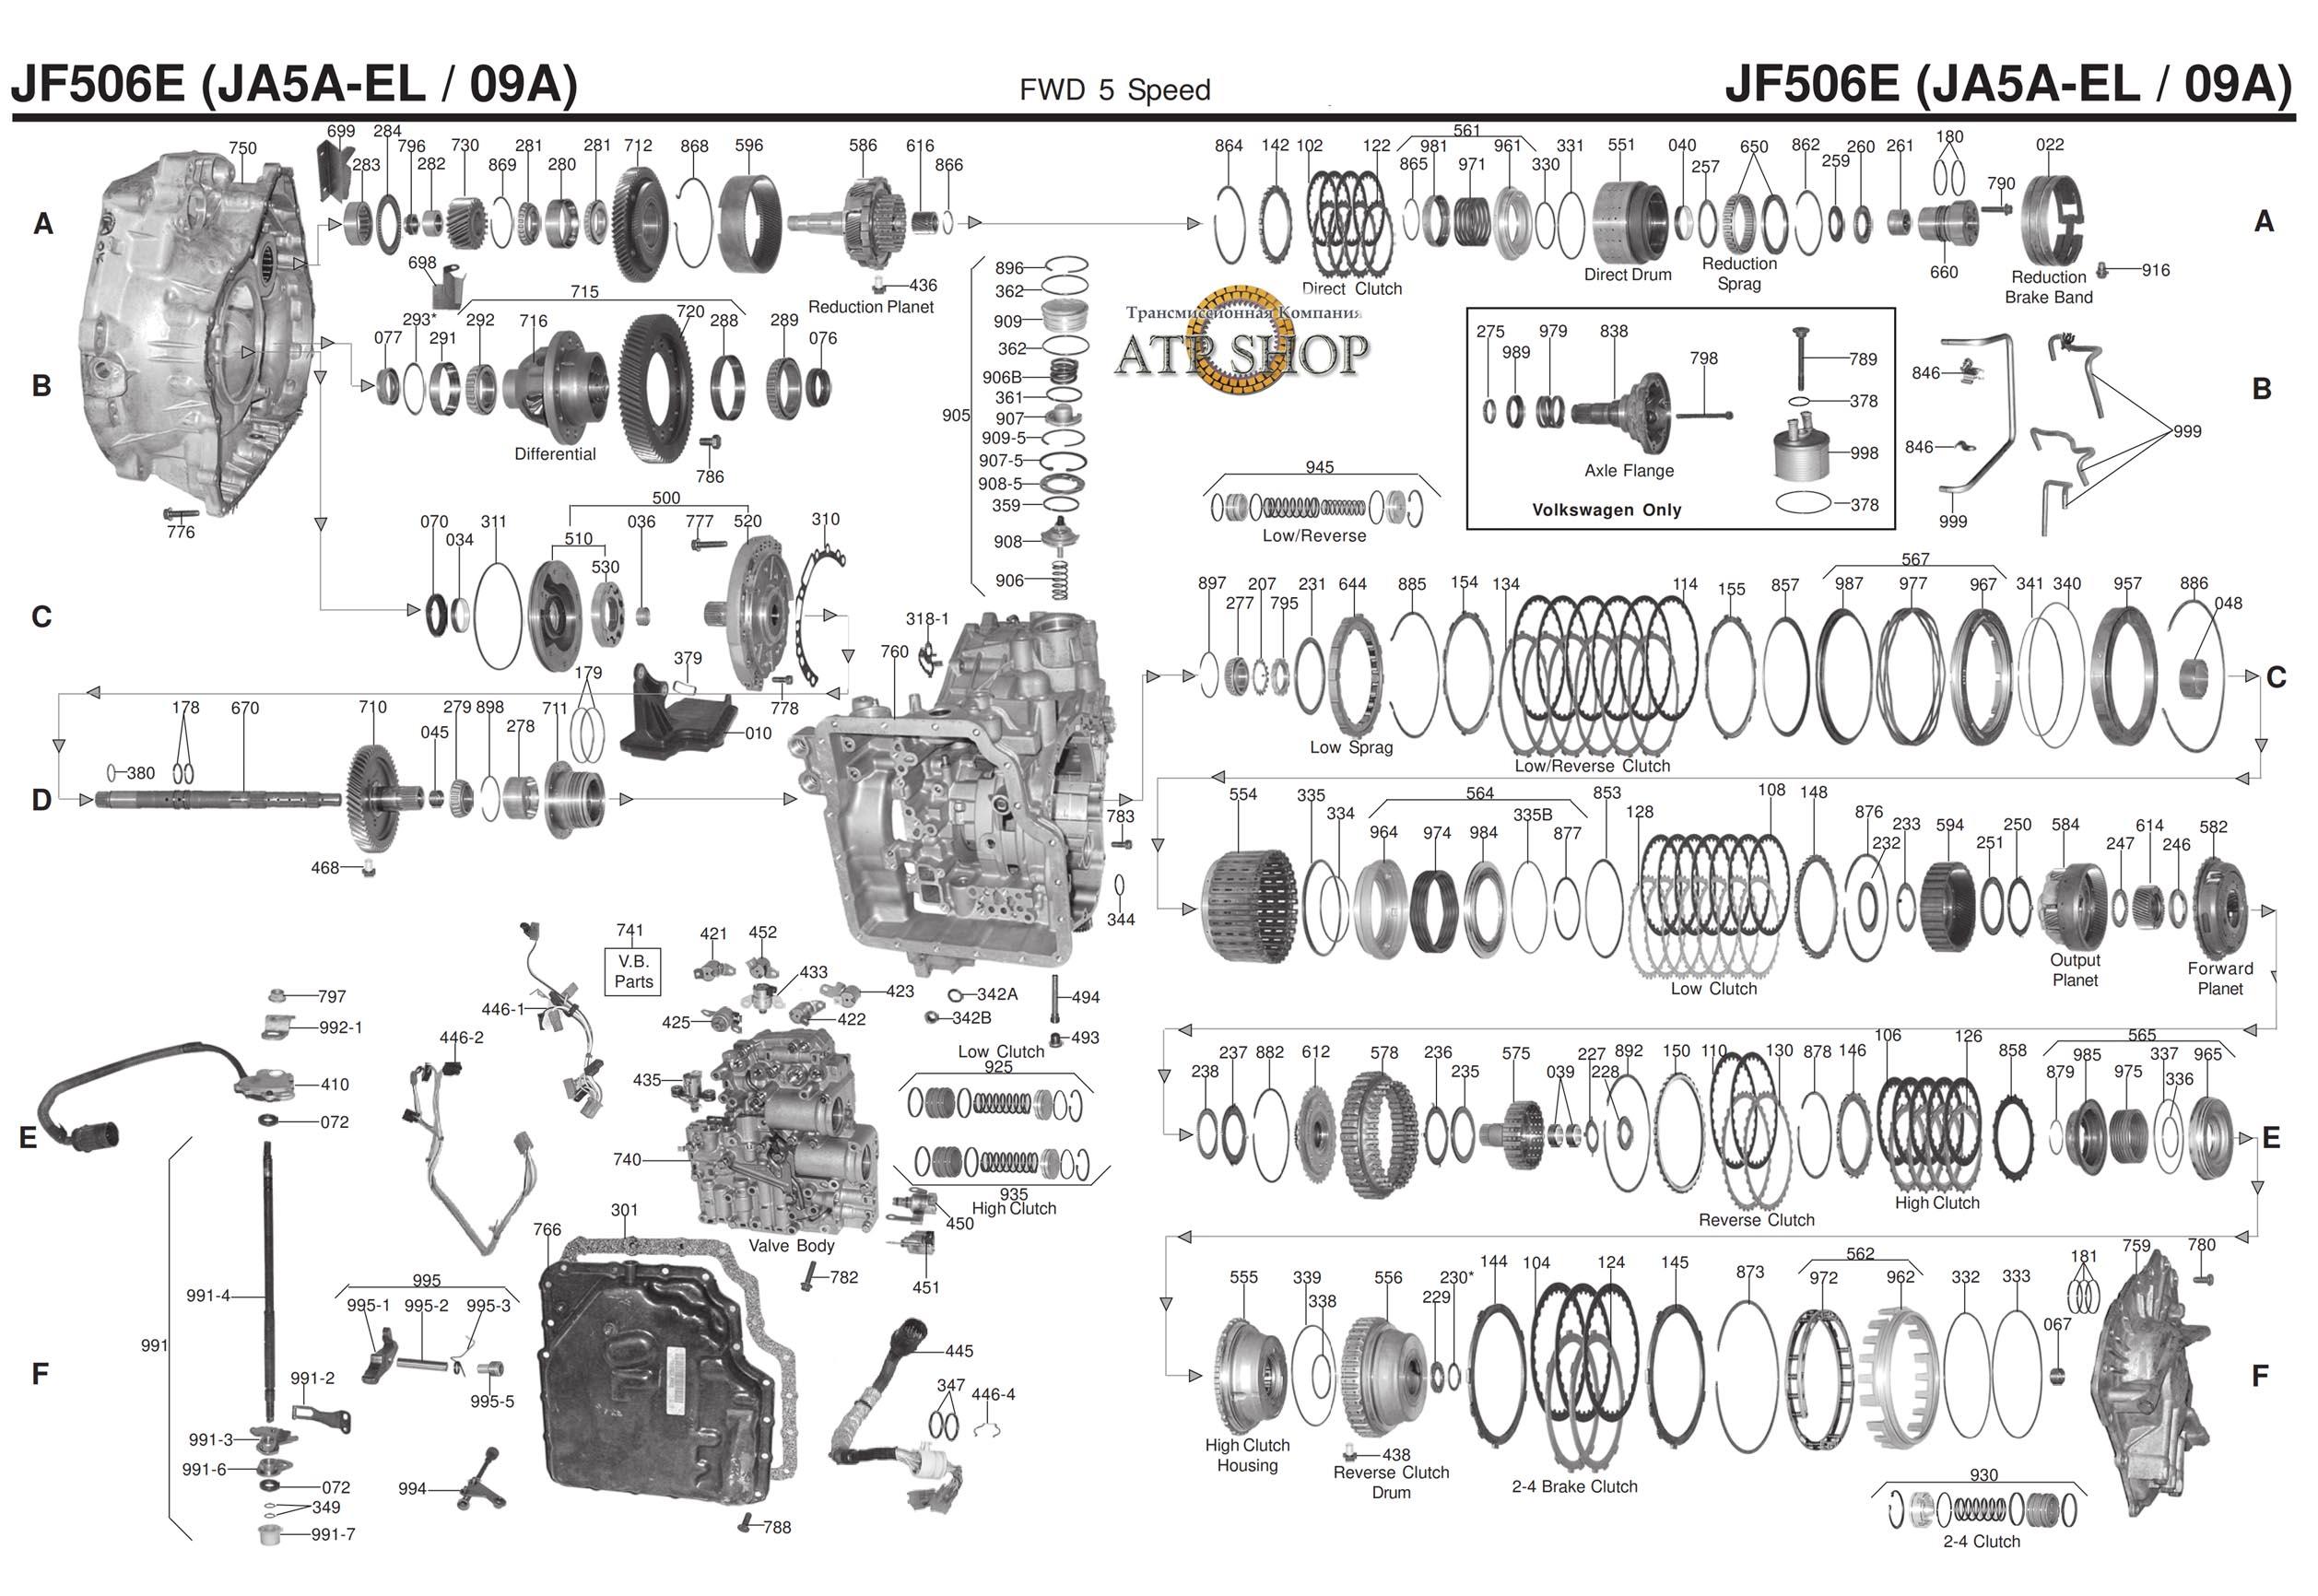 09A (JF506E) Описание, Типичные болезни, запчасти Цены.